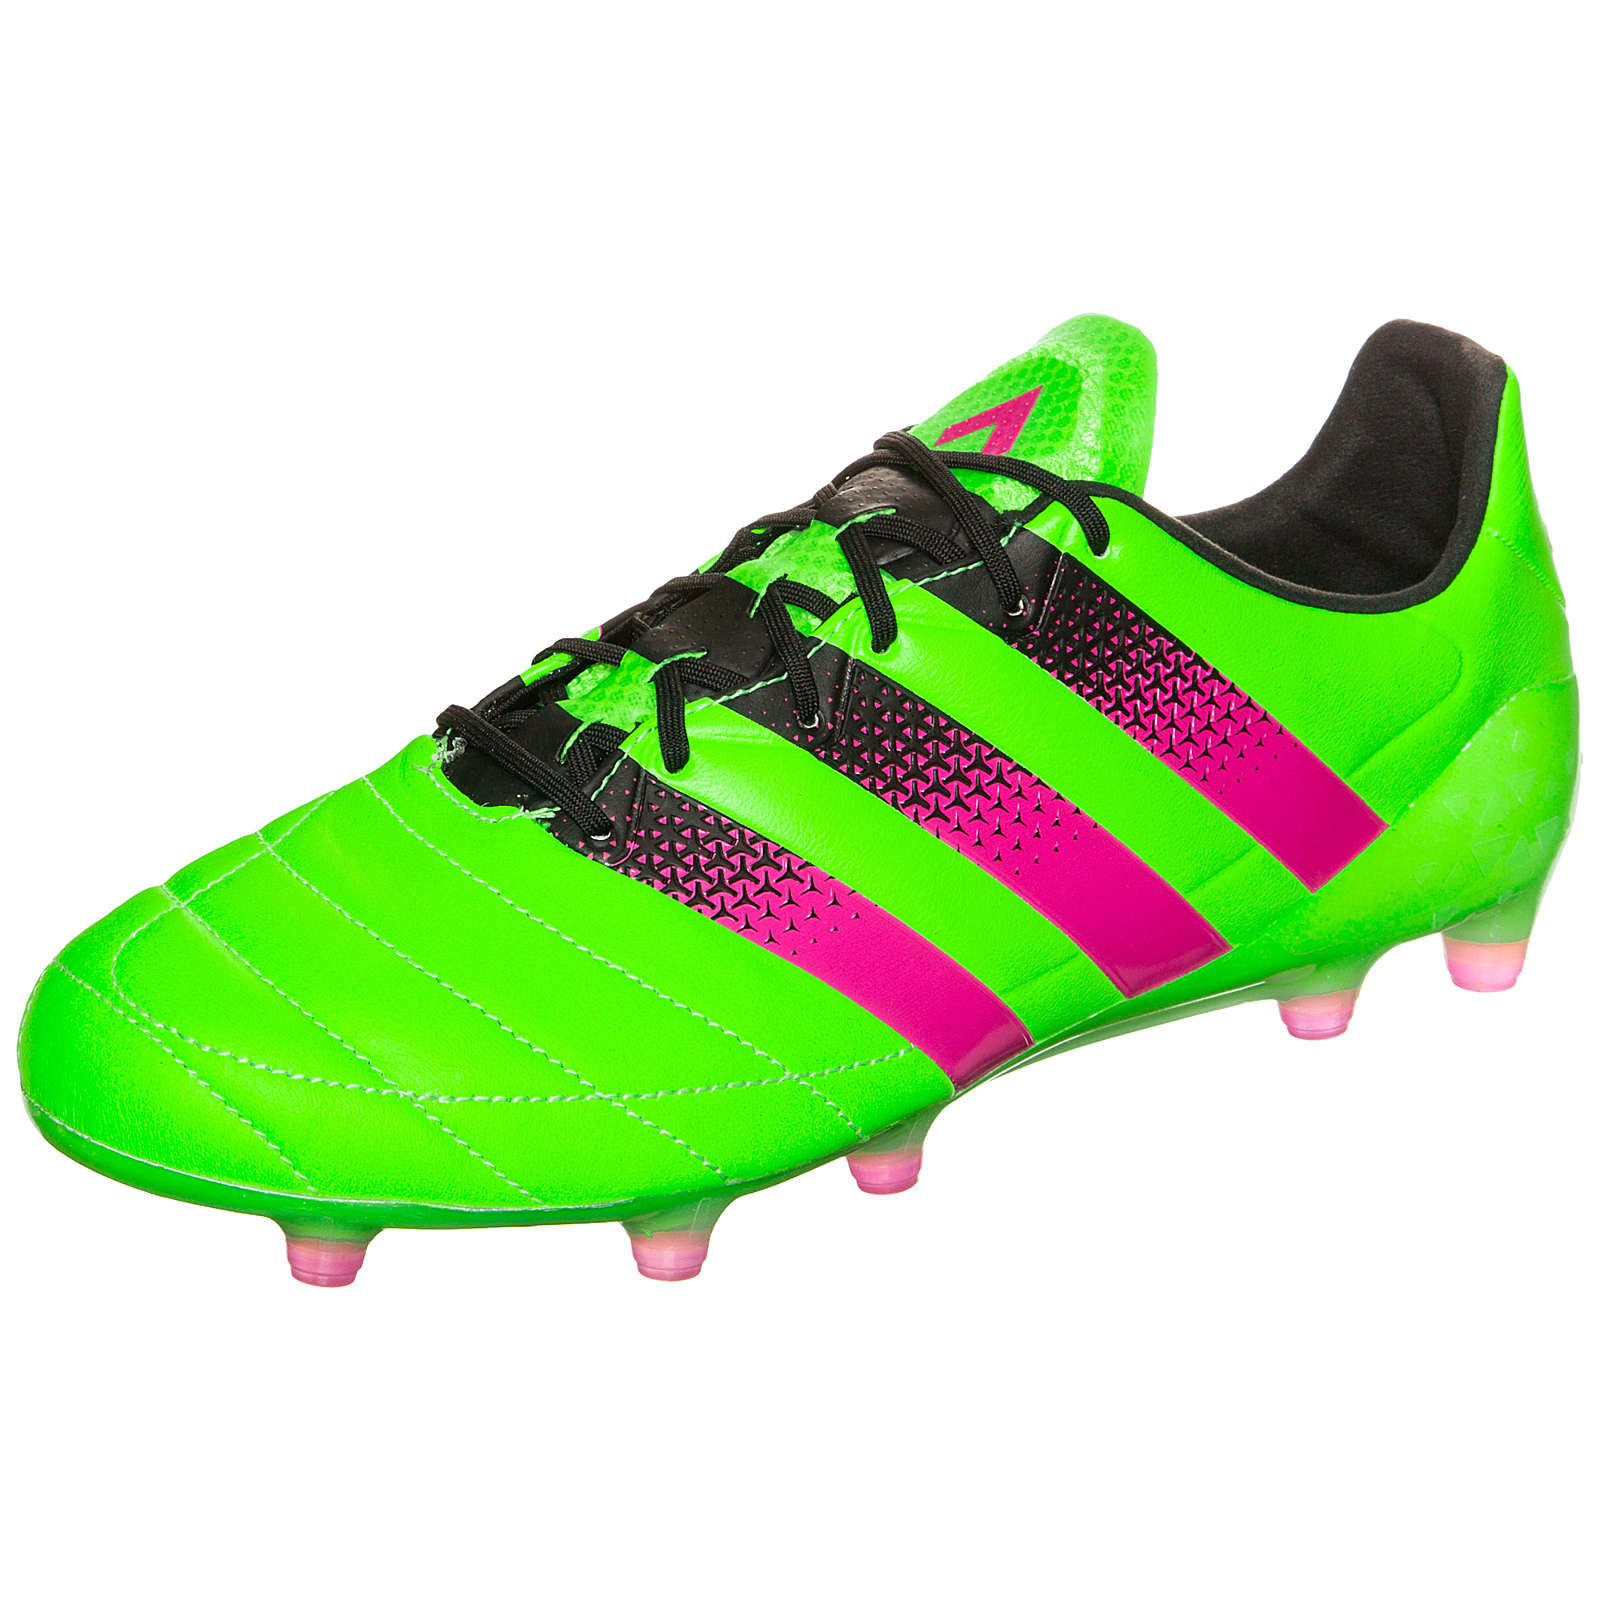 adidas Performance adidas ACE 16.1 FG/AG Leather Fußballschuh grün Herren Gr. 45 1/3